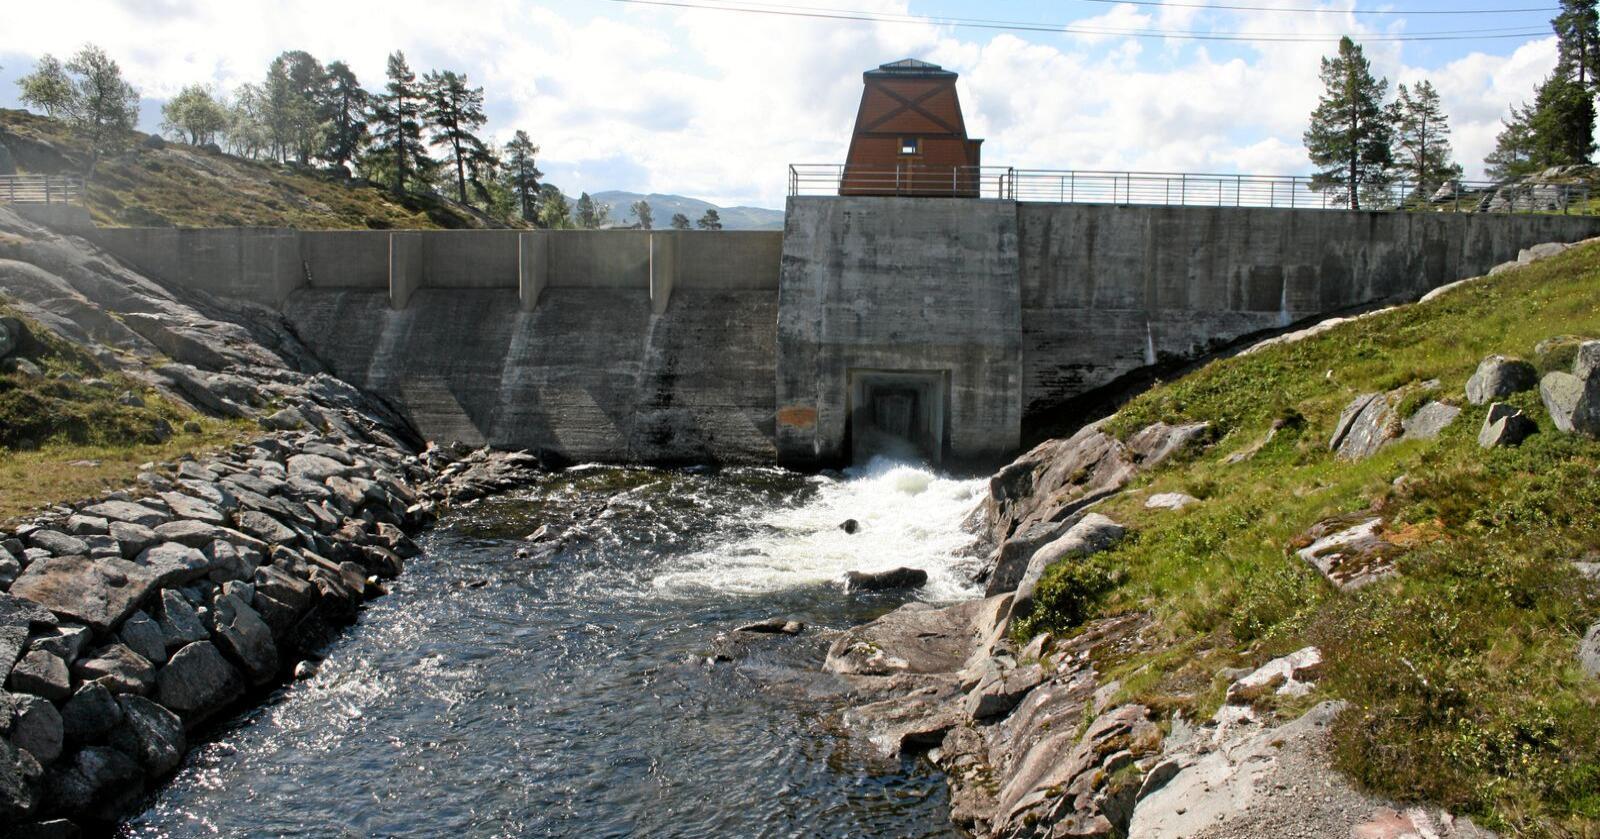 NorthConnect-kabelen vil øke verdien av norsk vannkraft og kutte store klimagassutslipp i Storbritannia. Foto: Bjarne Bekkeheien Aase